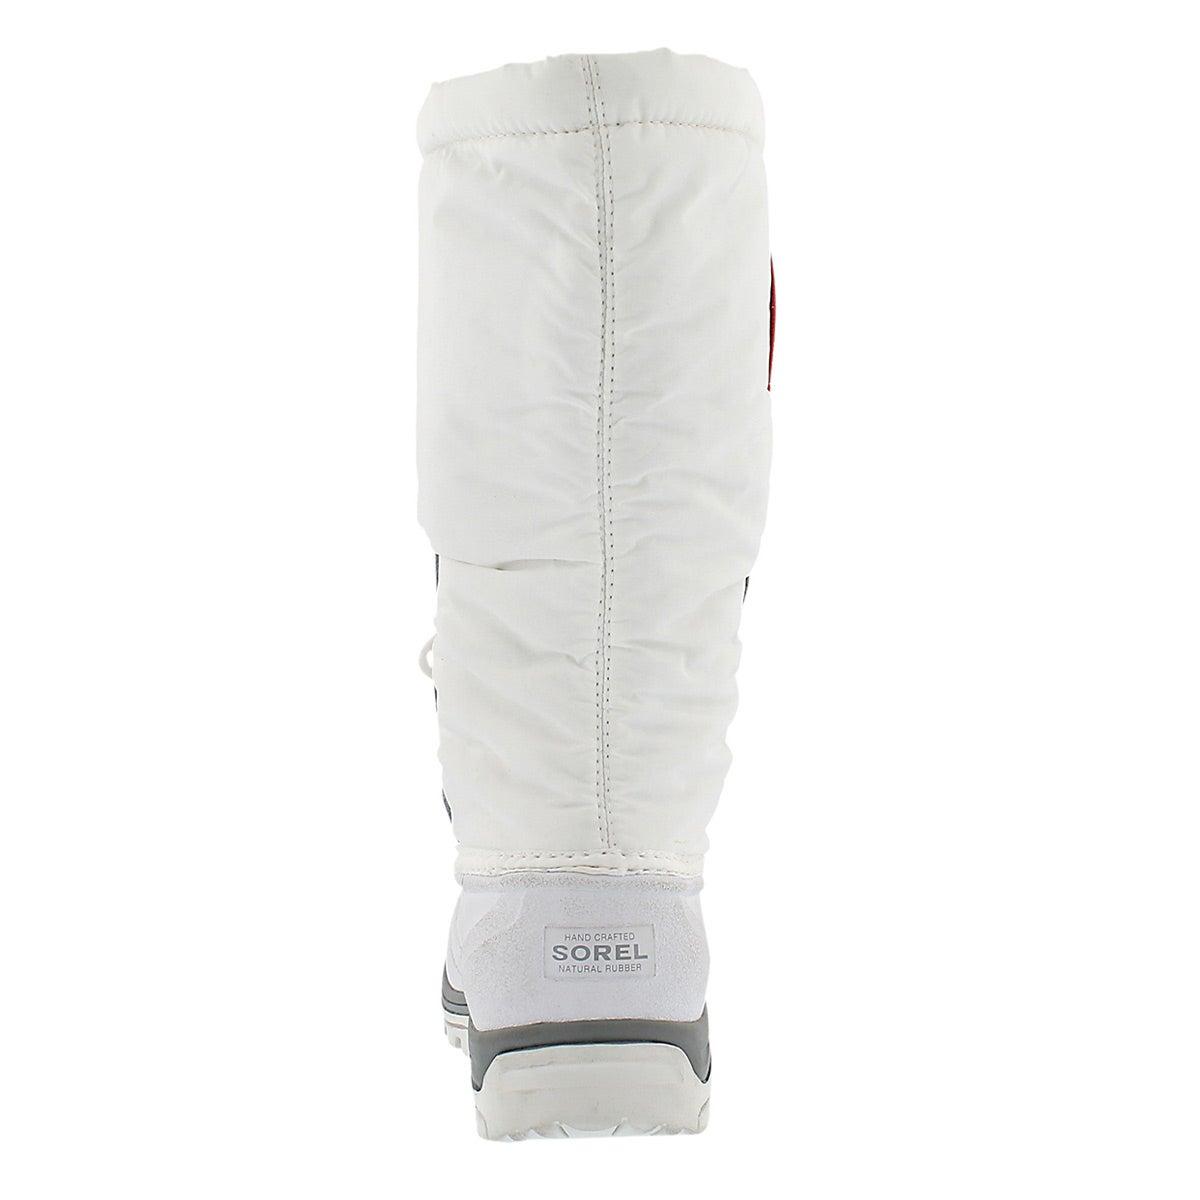 Botte hiver blanc SNOWLION XT, fem